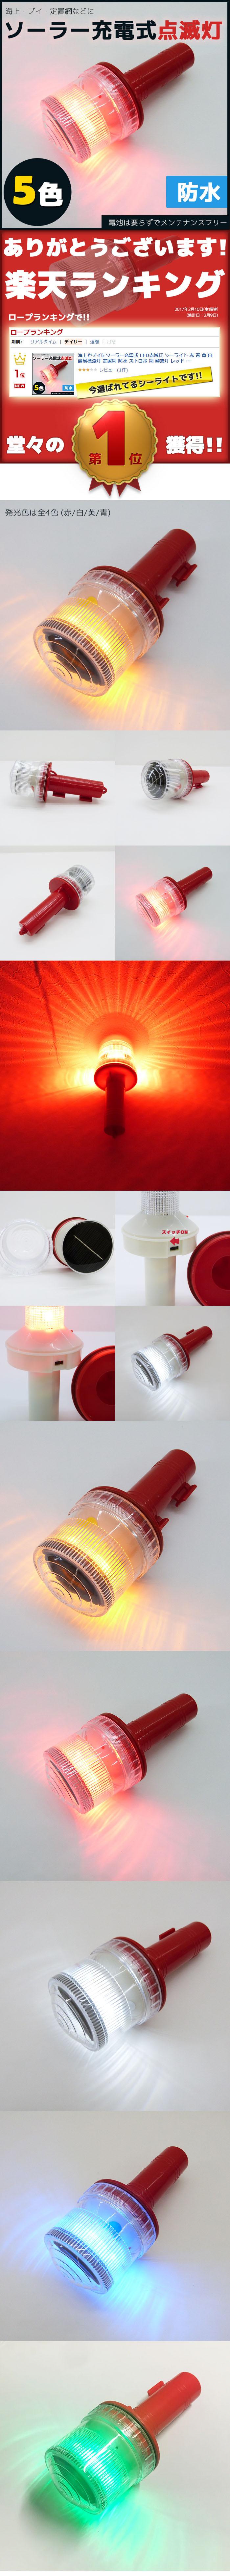 赤 網 ストロボ 海上やブイにソーラー充電式 青 防水 警戒灯 シーライト 定置網 白 LED点滅灯 黄 簡易標識灯